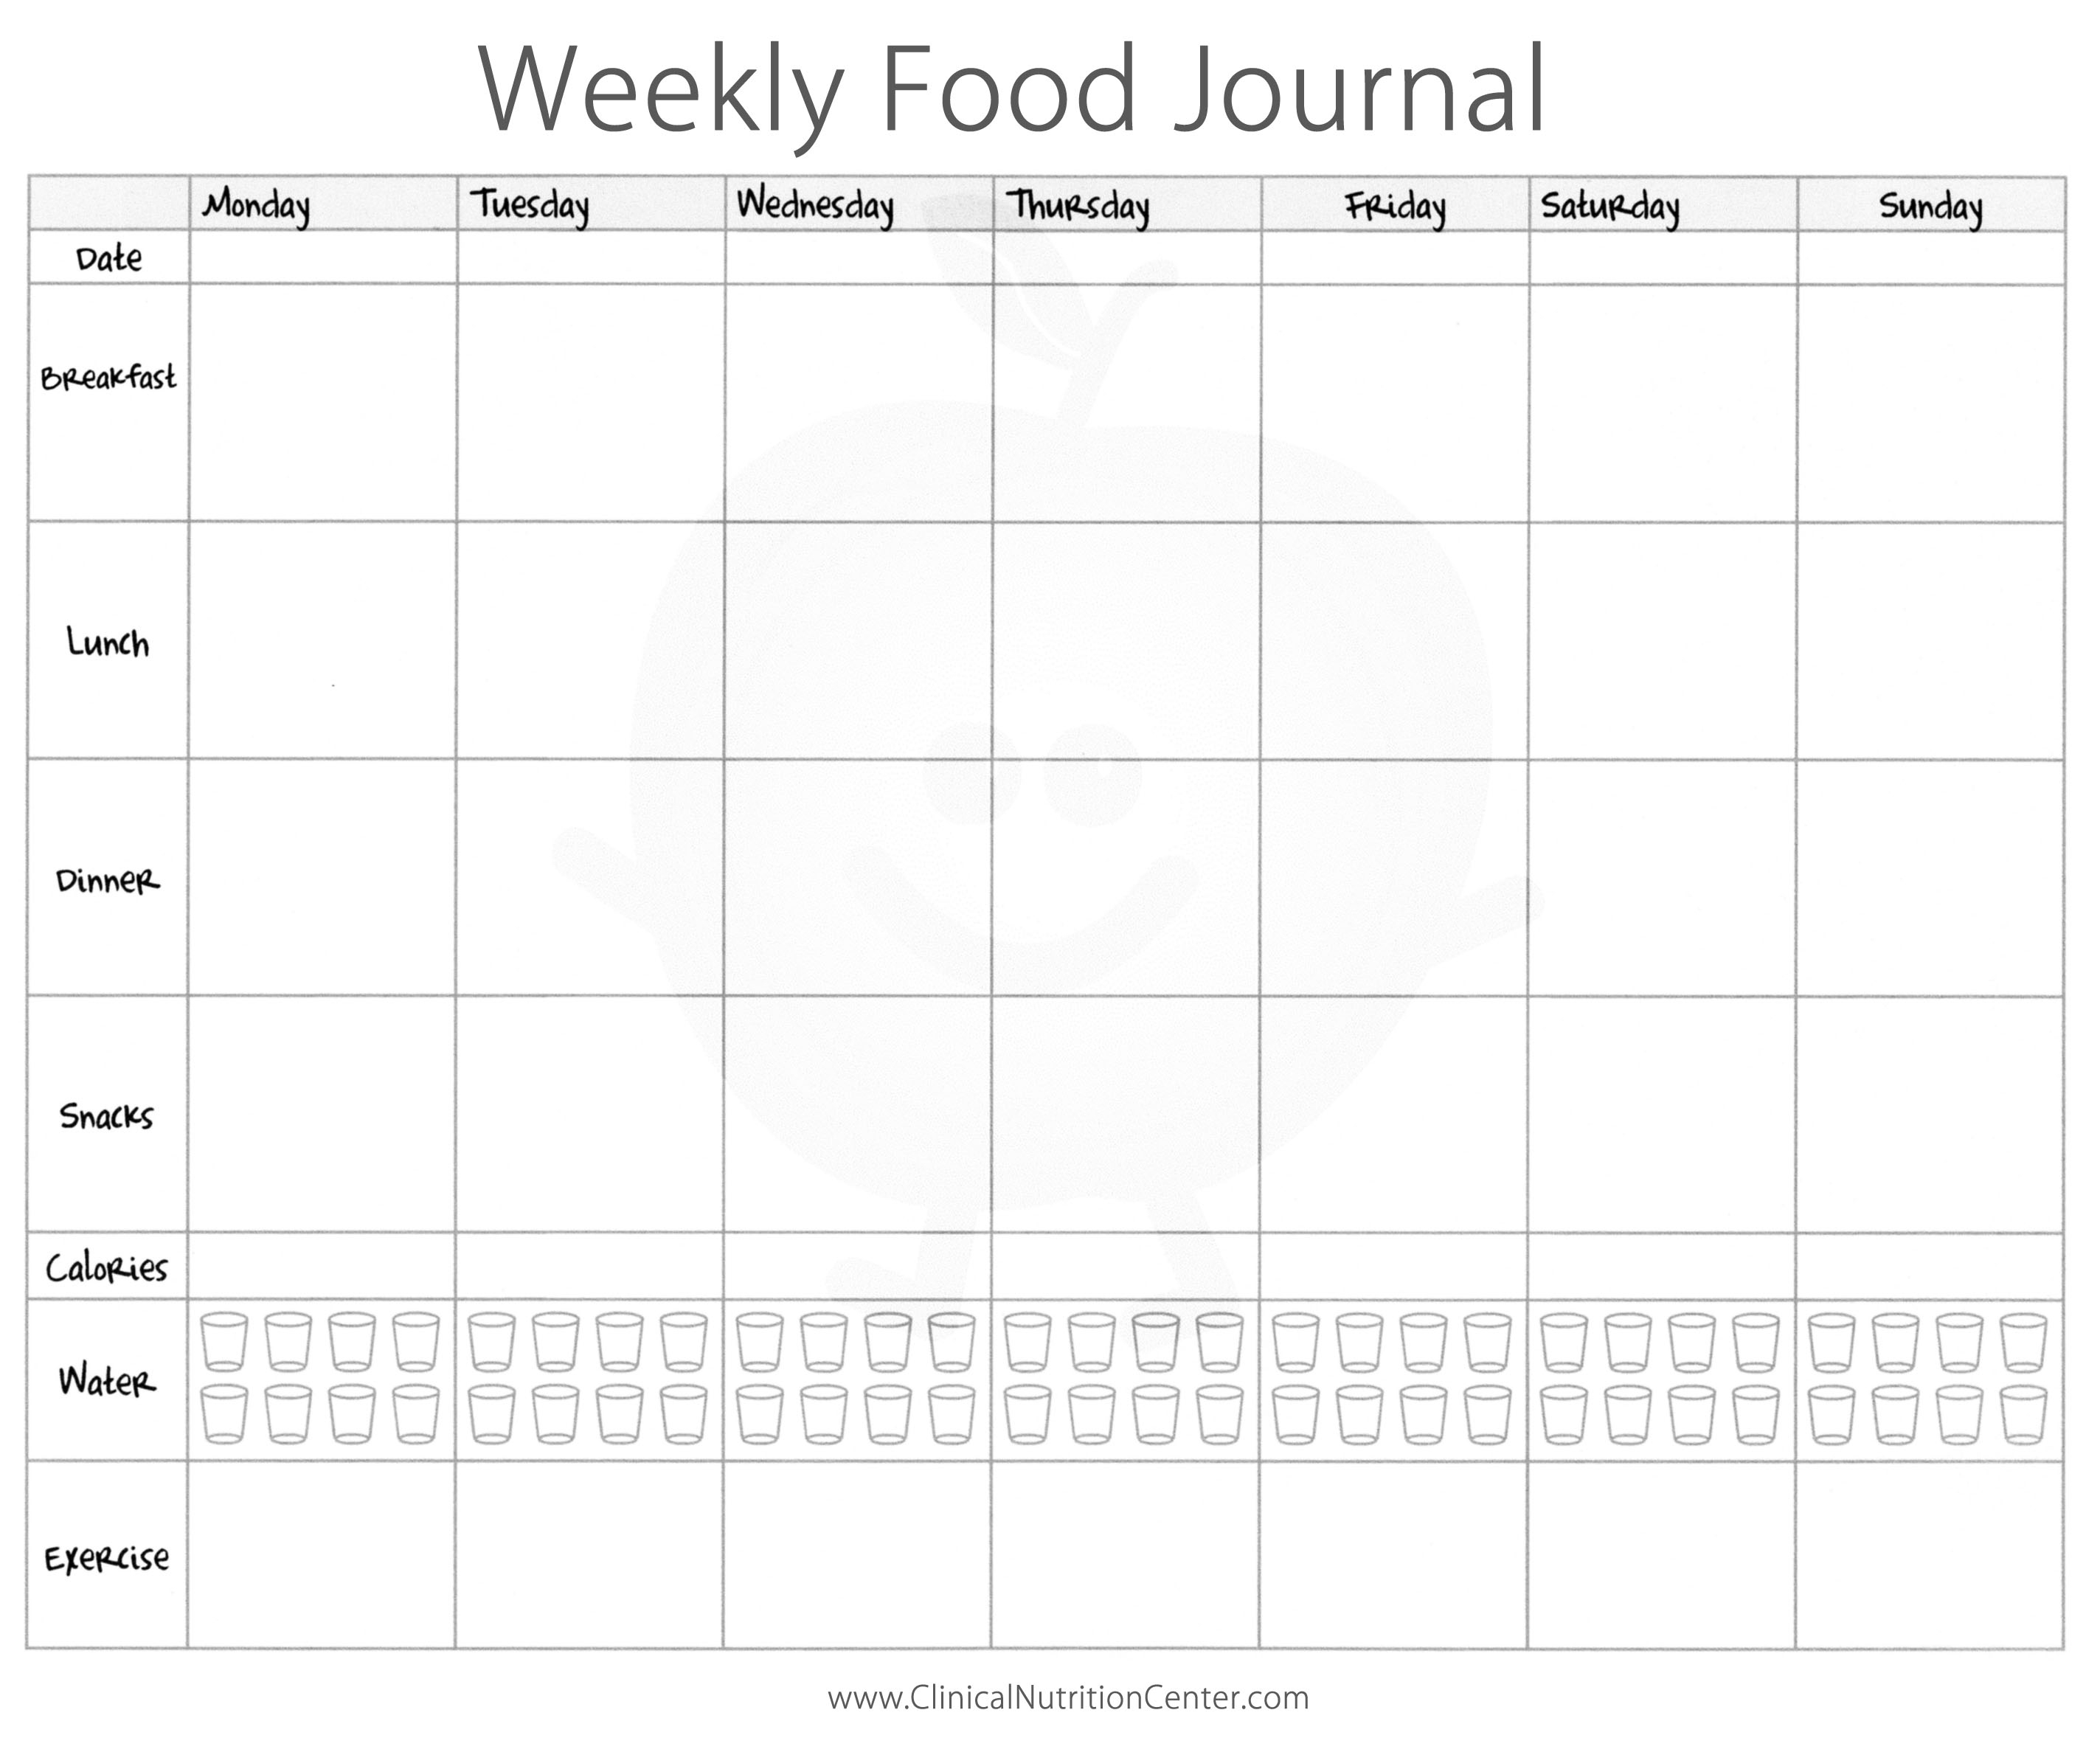 Food Diary Worksheets - Koran.sticken.co | Food Journal Printable Worksheets